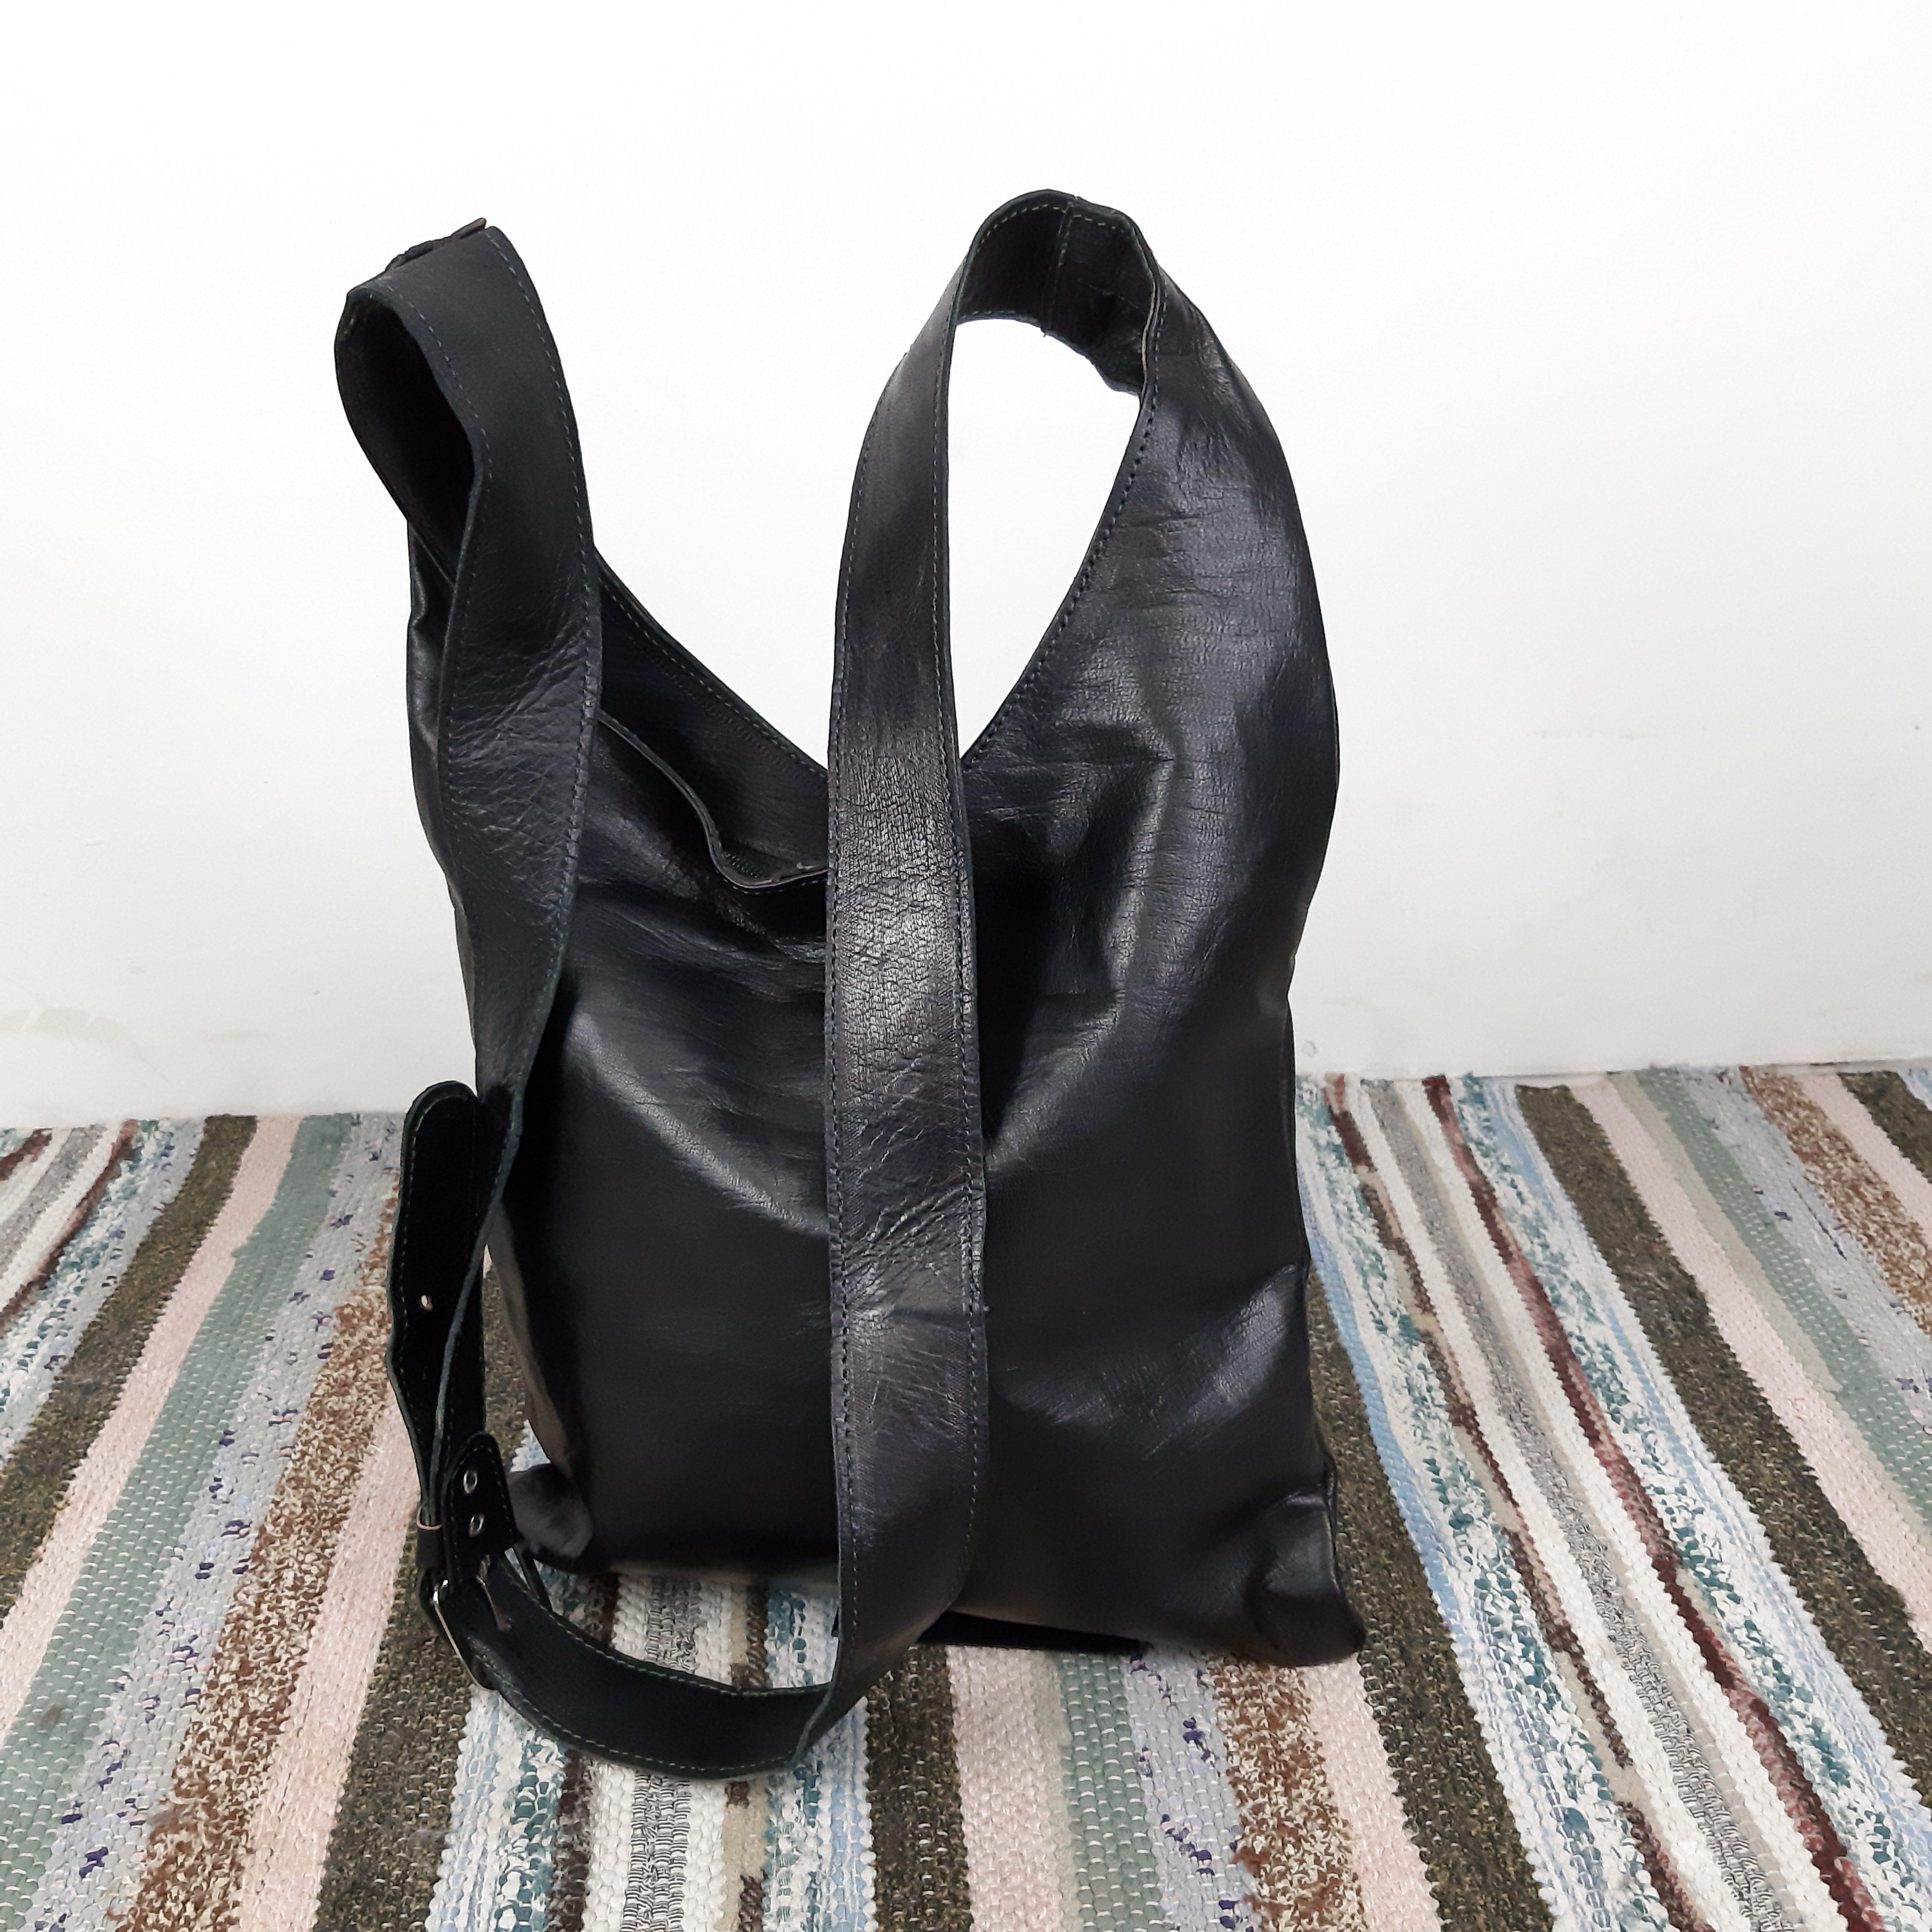 c59fca7f2e1 ... Læder taske i sort. 🔍. Forside ...